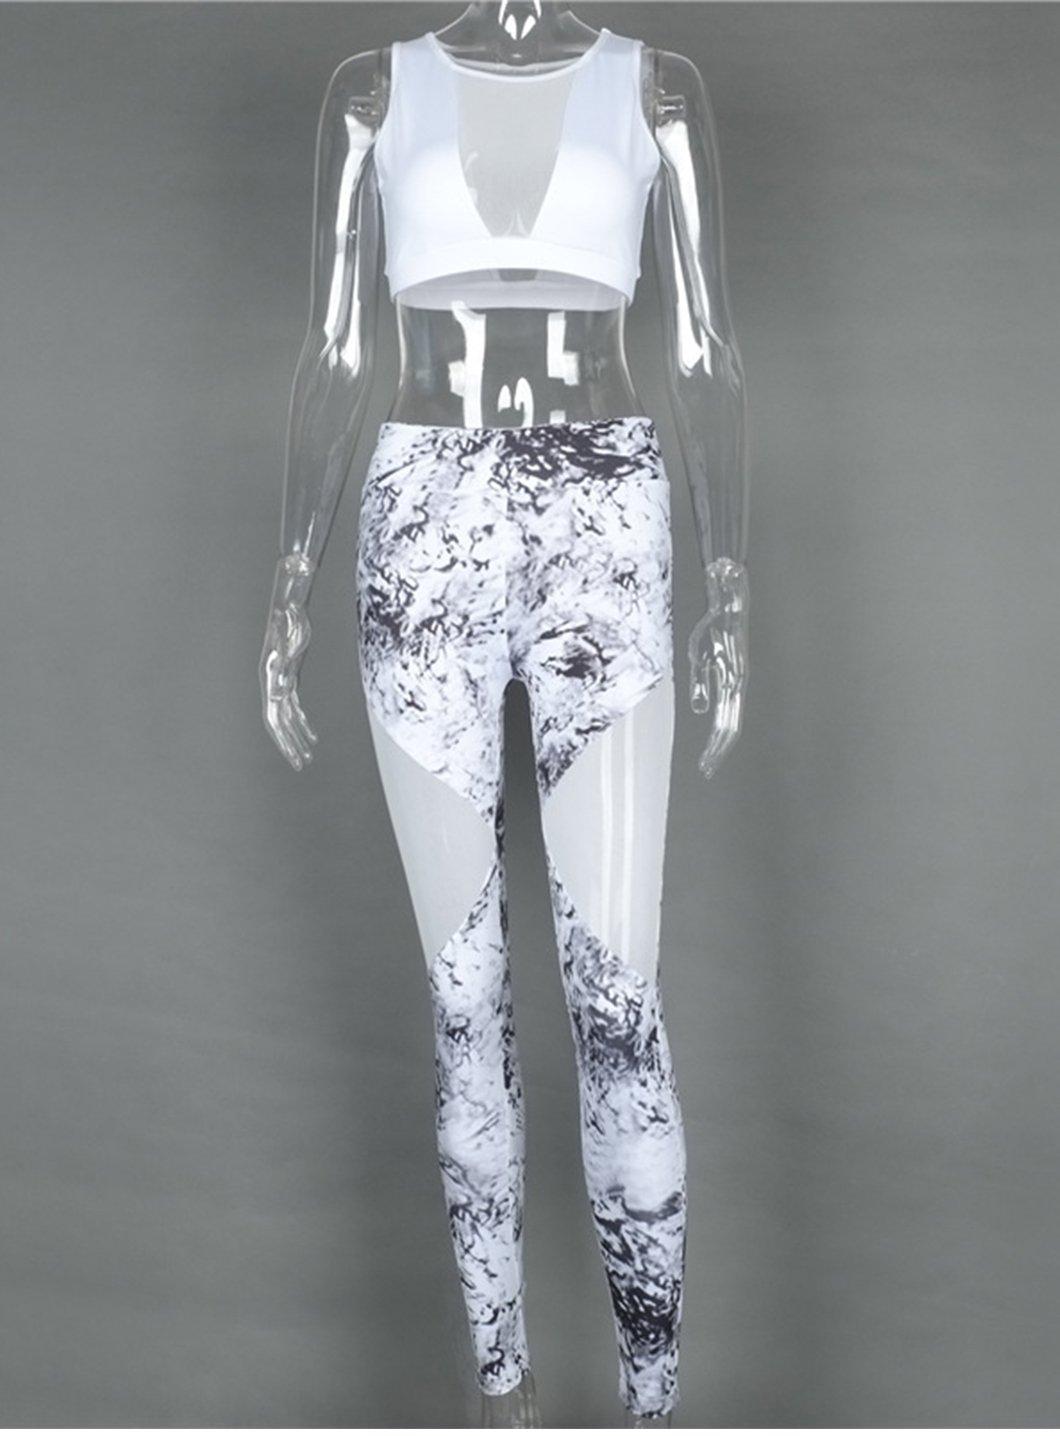 Trainingsanzug für Frauen floral Print Mash Patchwork 2-teilig Yoga Frauen zugeschnitten BH + Lange Hose Fitness Sport Suit Damen Kleidung